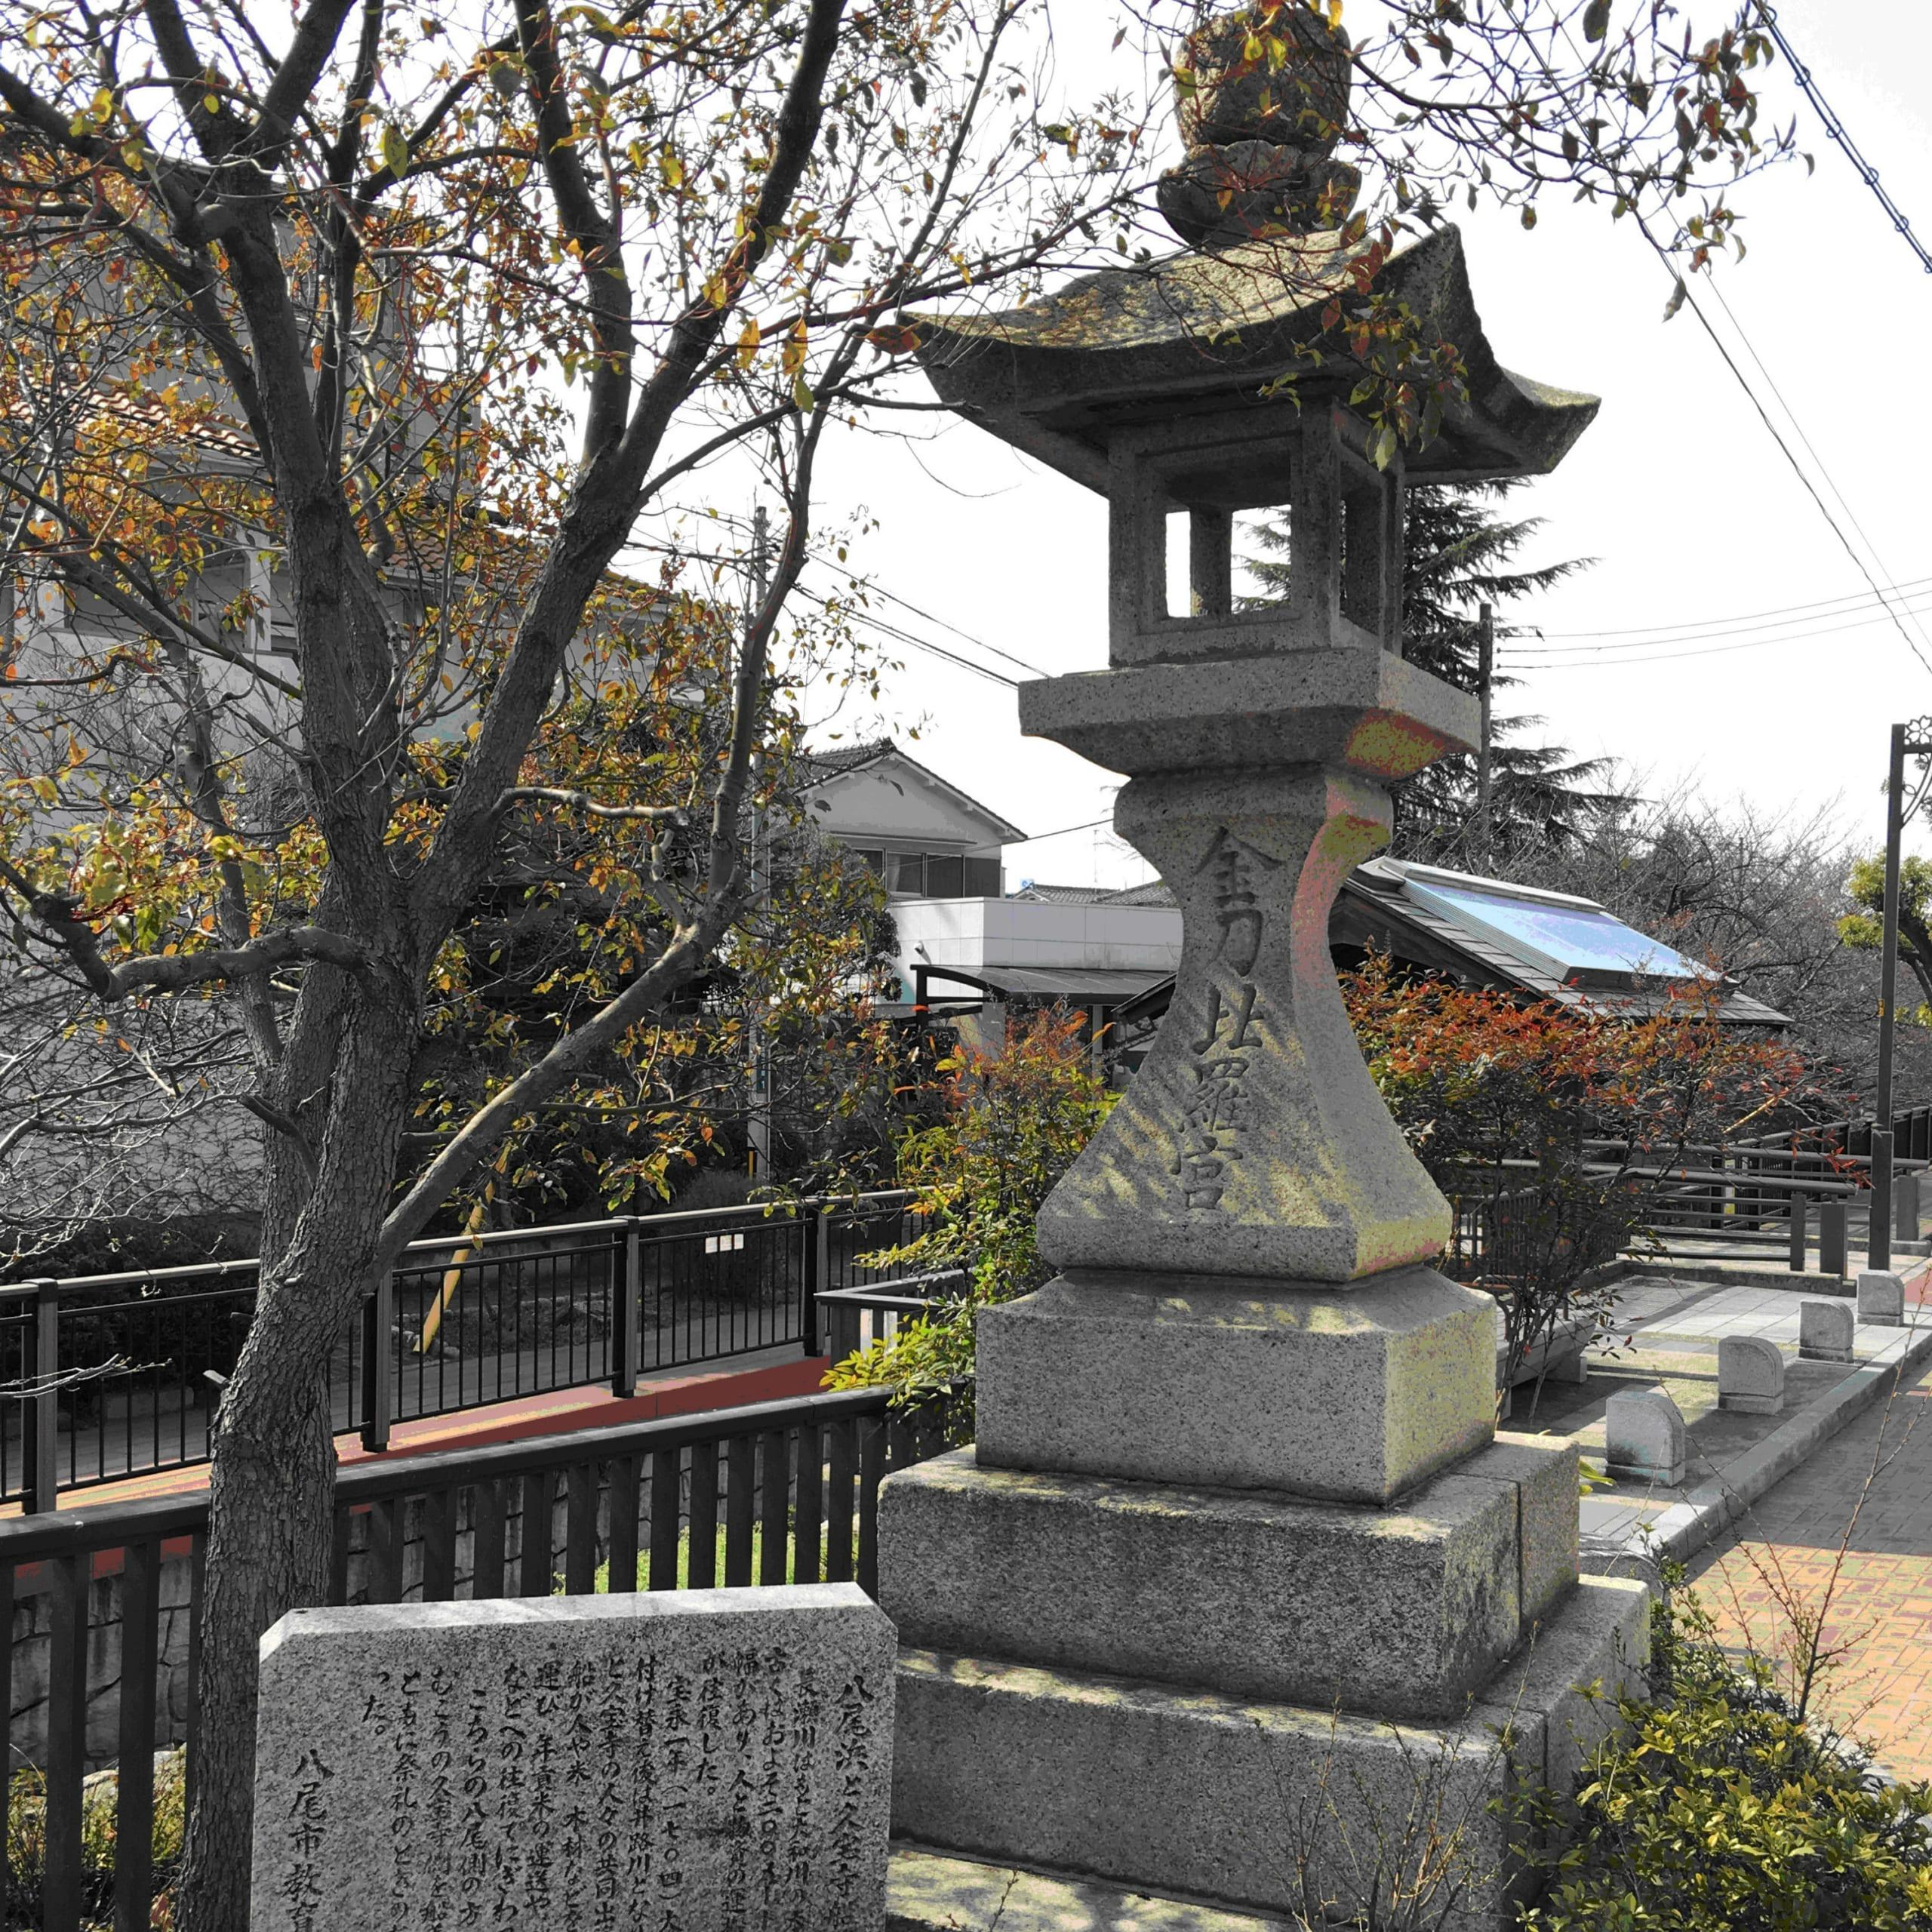 大坂夏の陣で主戦場のひとつとなった、八尾・若江方面の関連史跡をまわる